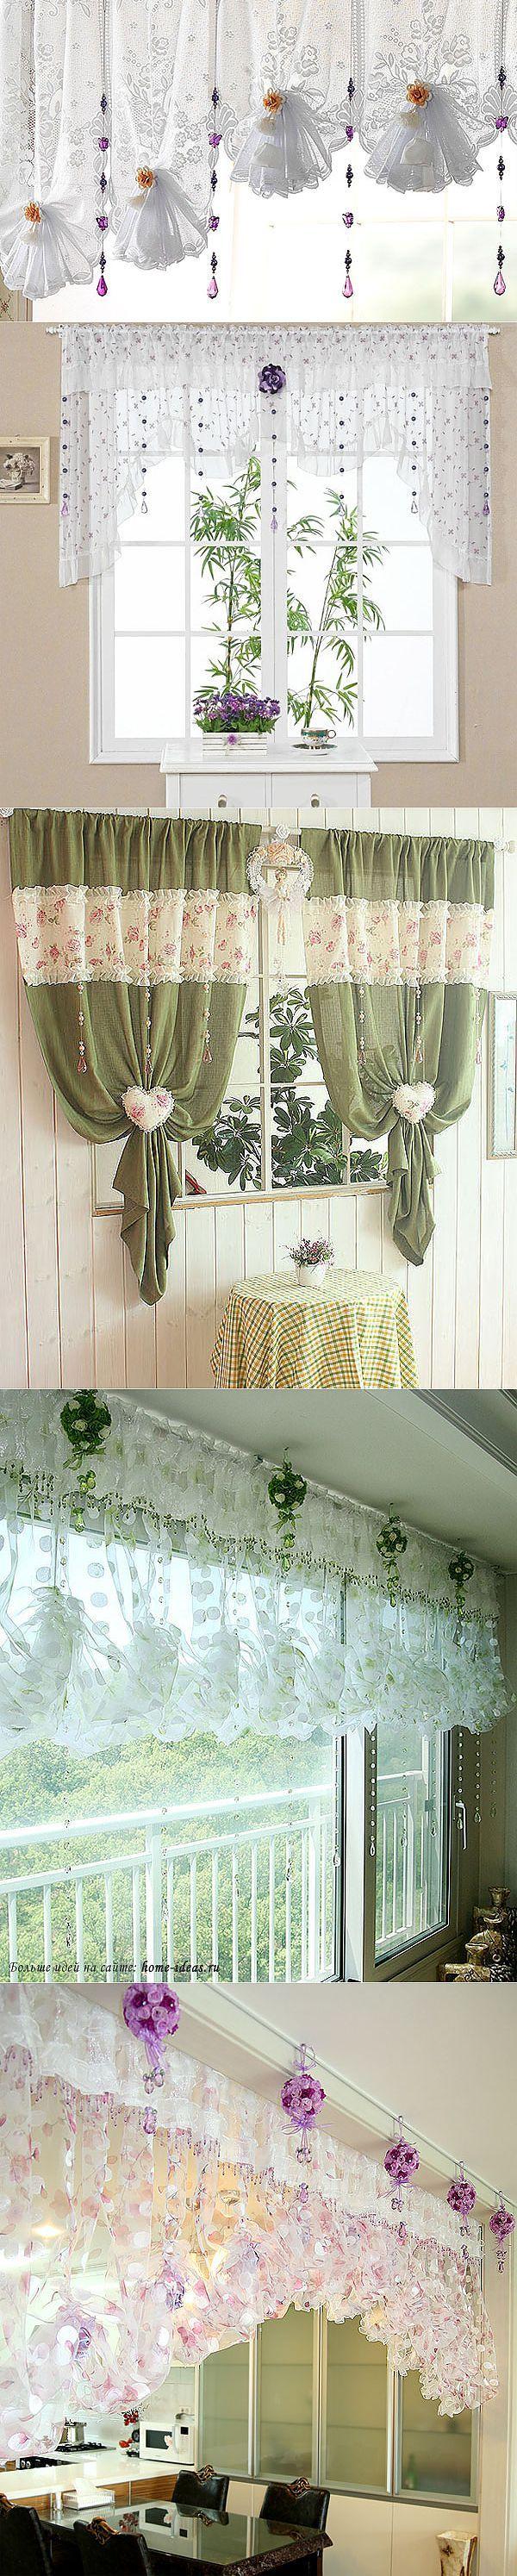 Cortinas pinterest cortinas cortinas cocina y cortinas para cocina - Cortinas originales para dormitorio ...